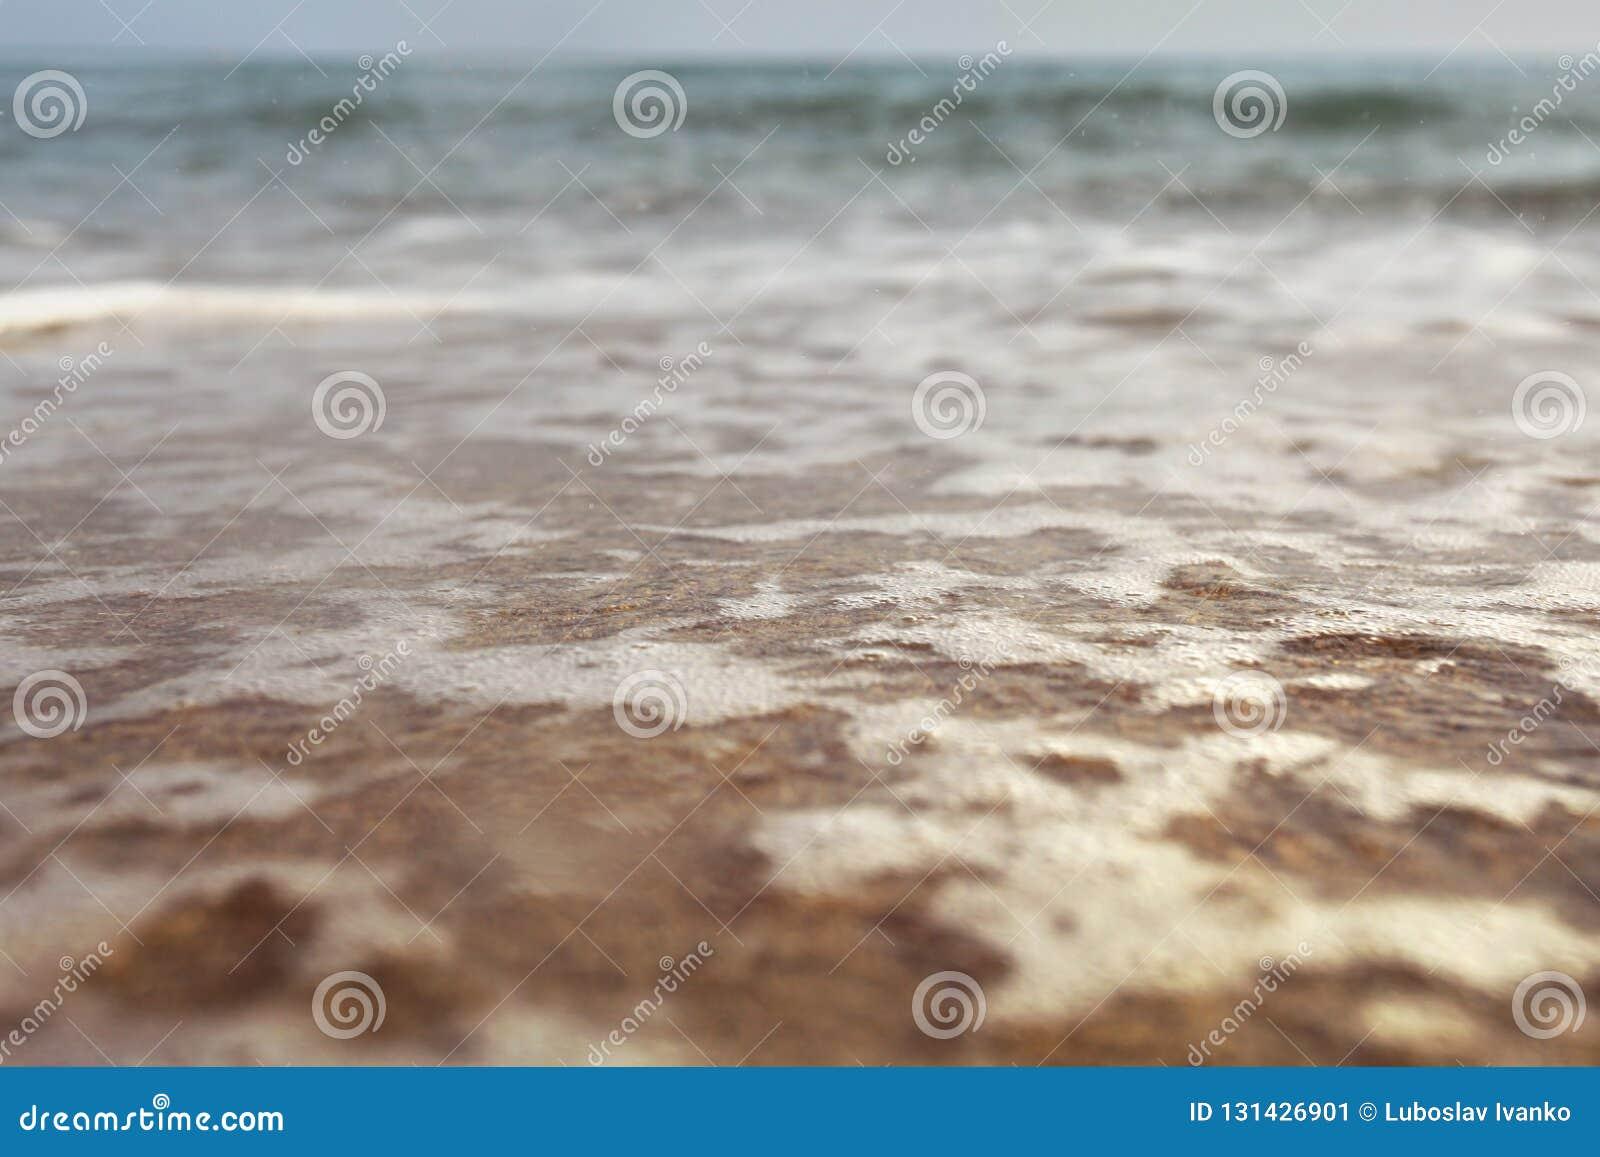 Foto för låg vinkel från markplanet - strand med grunt vatten och vitt skum över sand, våta droppar i luft, suddigt hav i avstånd